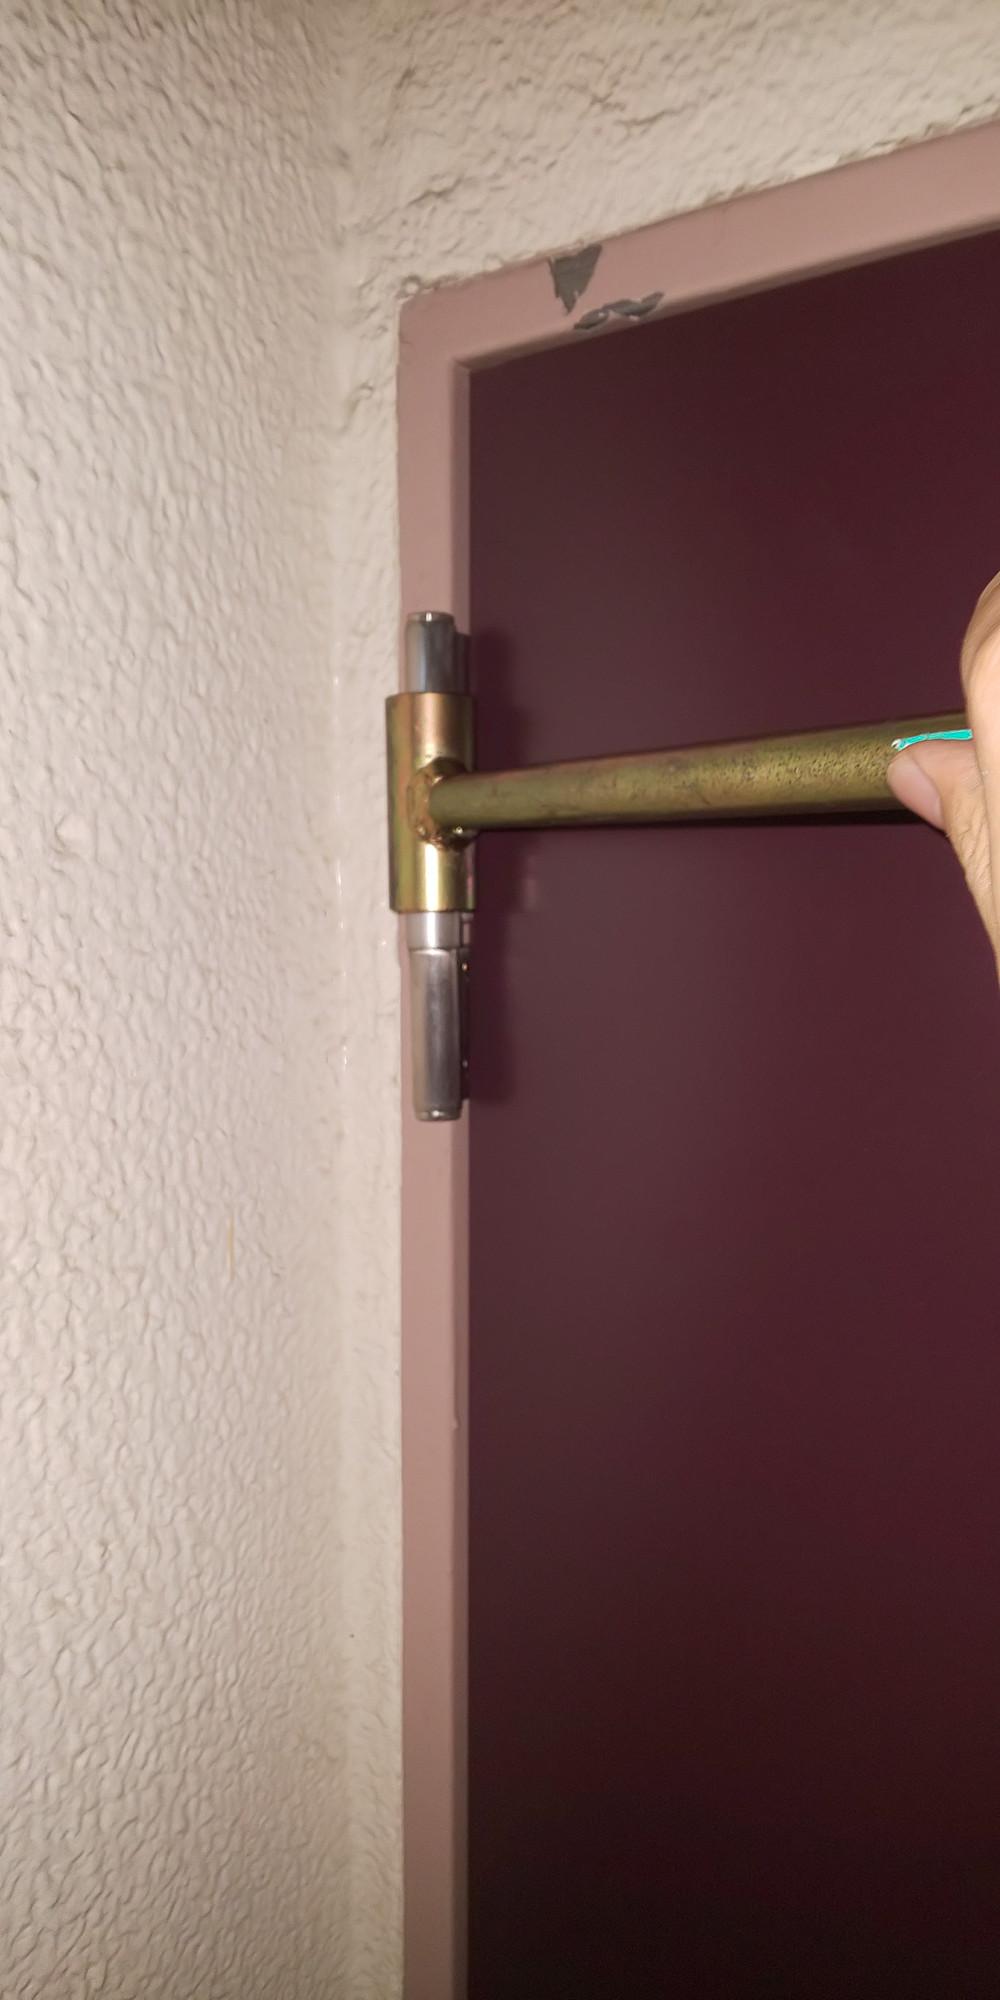 蝶番(ちょうばん)ドア修理